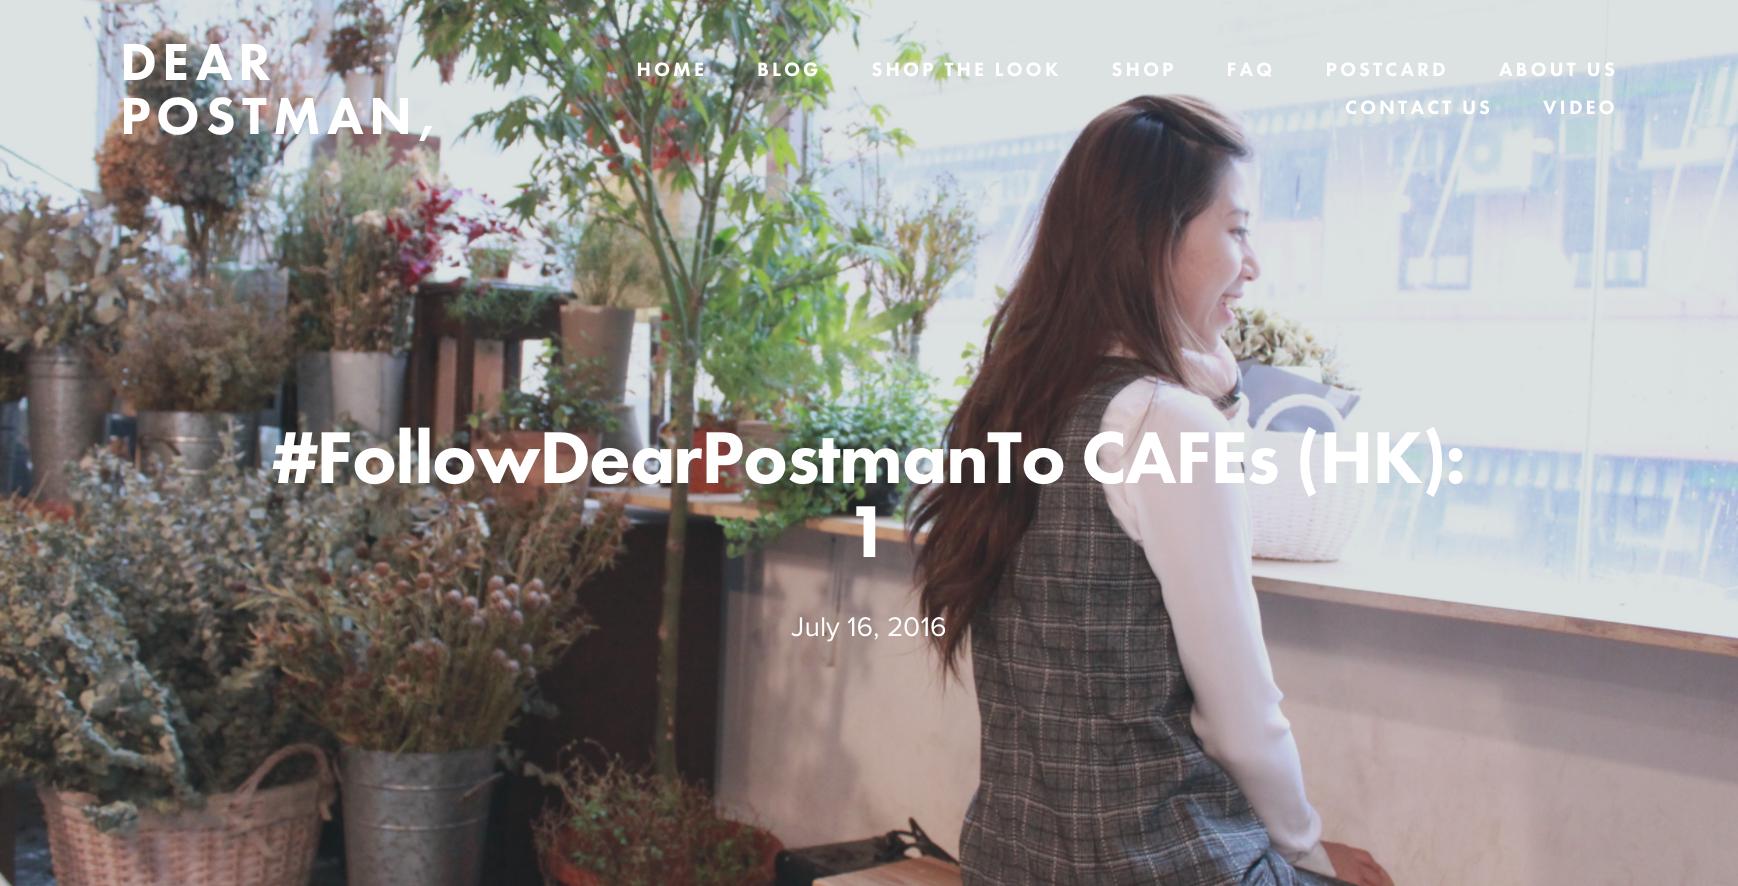 #FollowDearPostmanTo CAFEs (HK): 1